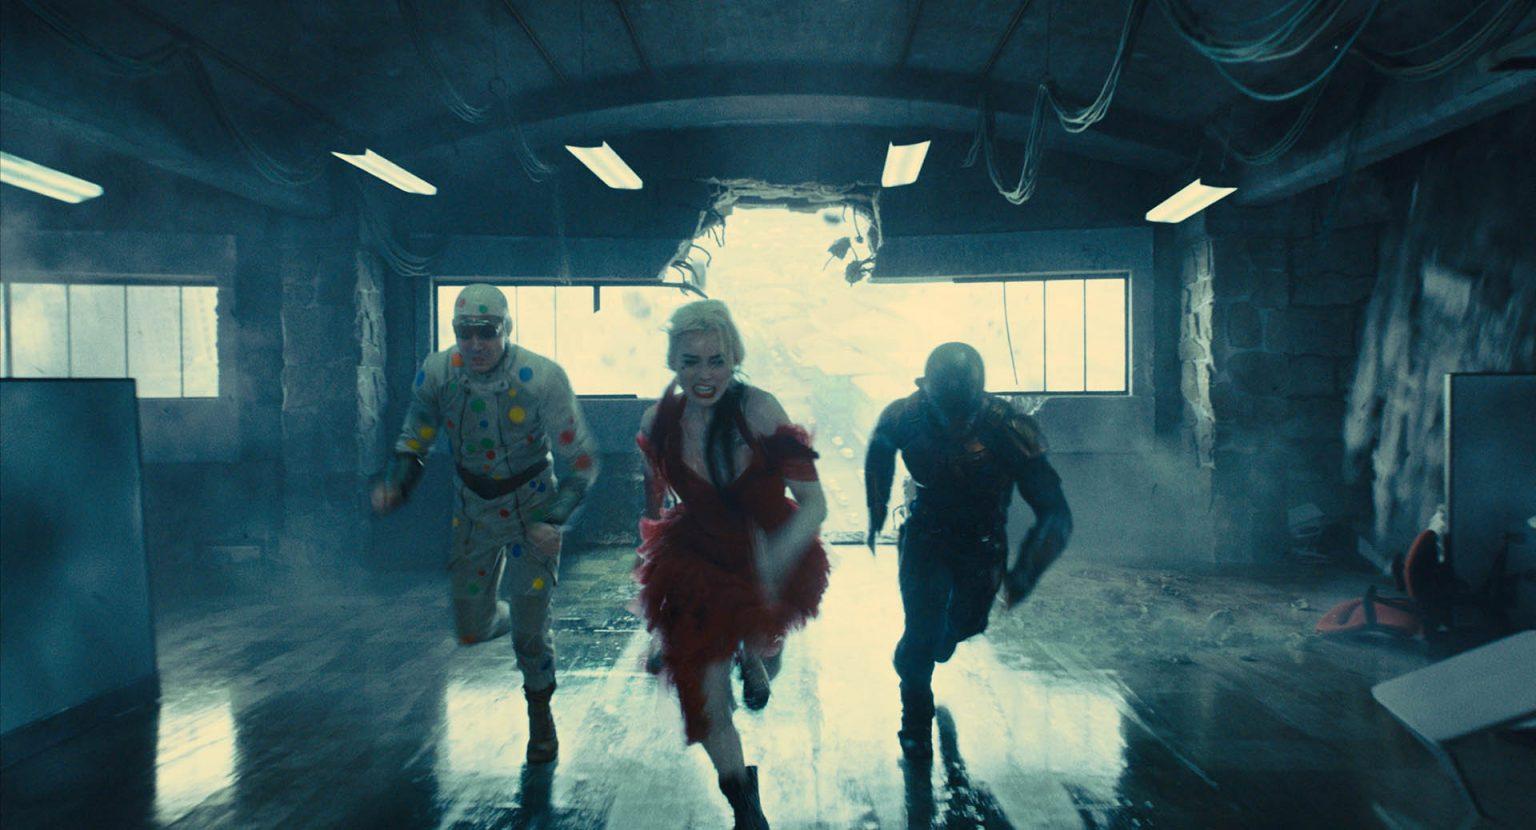 The Suicide Squad - Missione Suicida recensione film di James Gunn con Margot Robbie